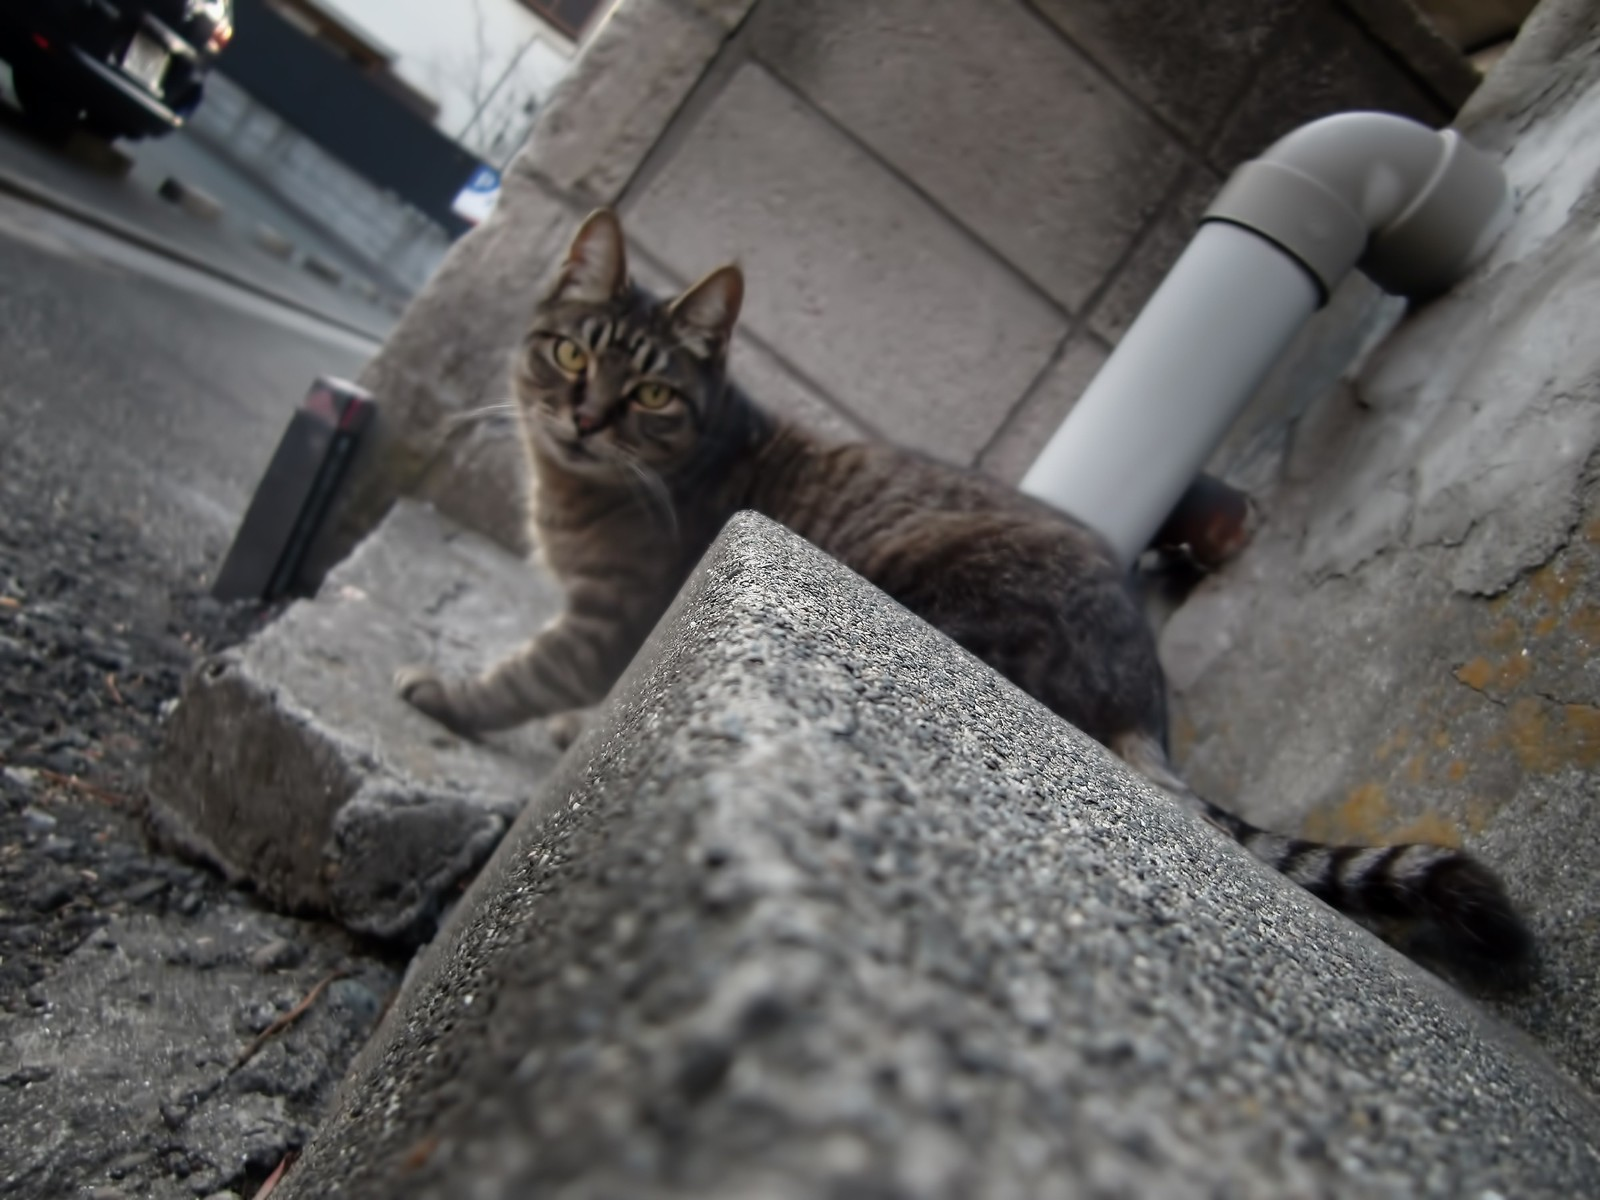 「様子を伺う猫様子を伺う猫」のフリー写真素材を拡大